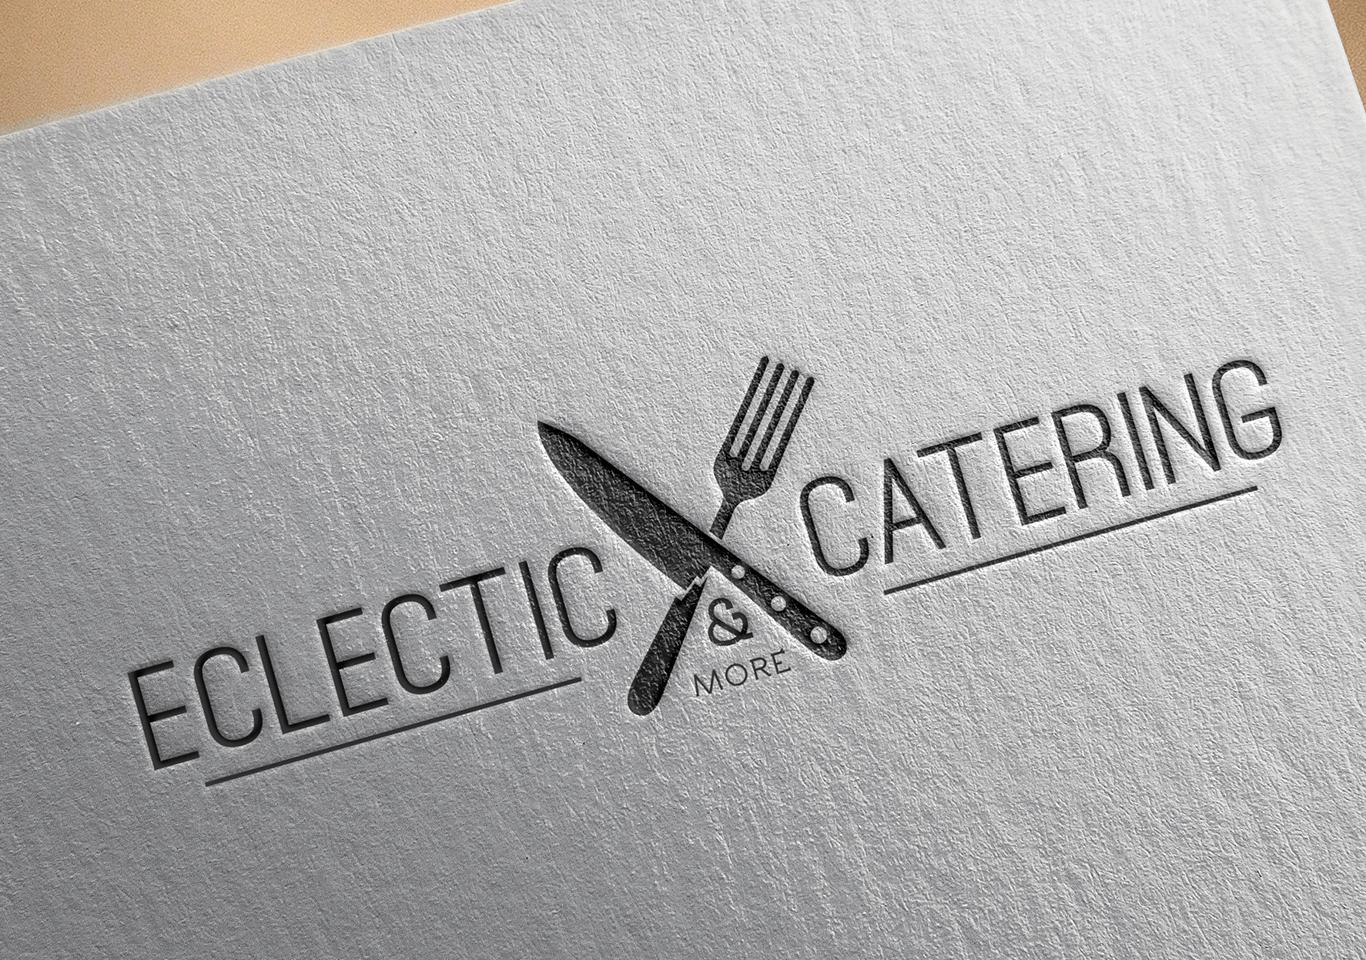 Eclectic Catering Branding